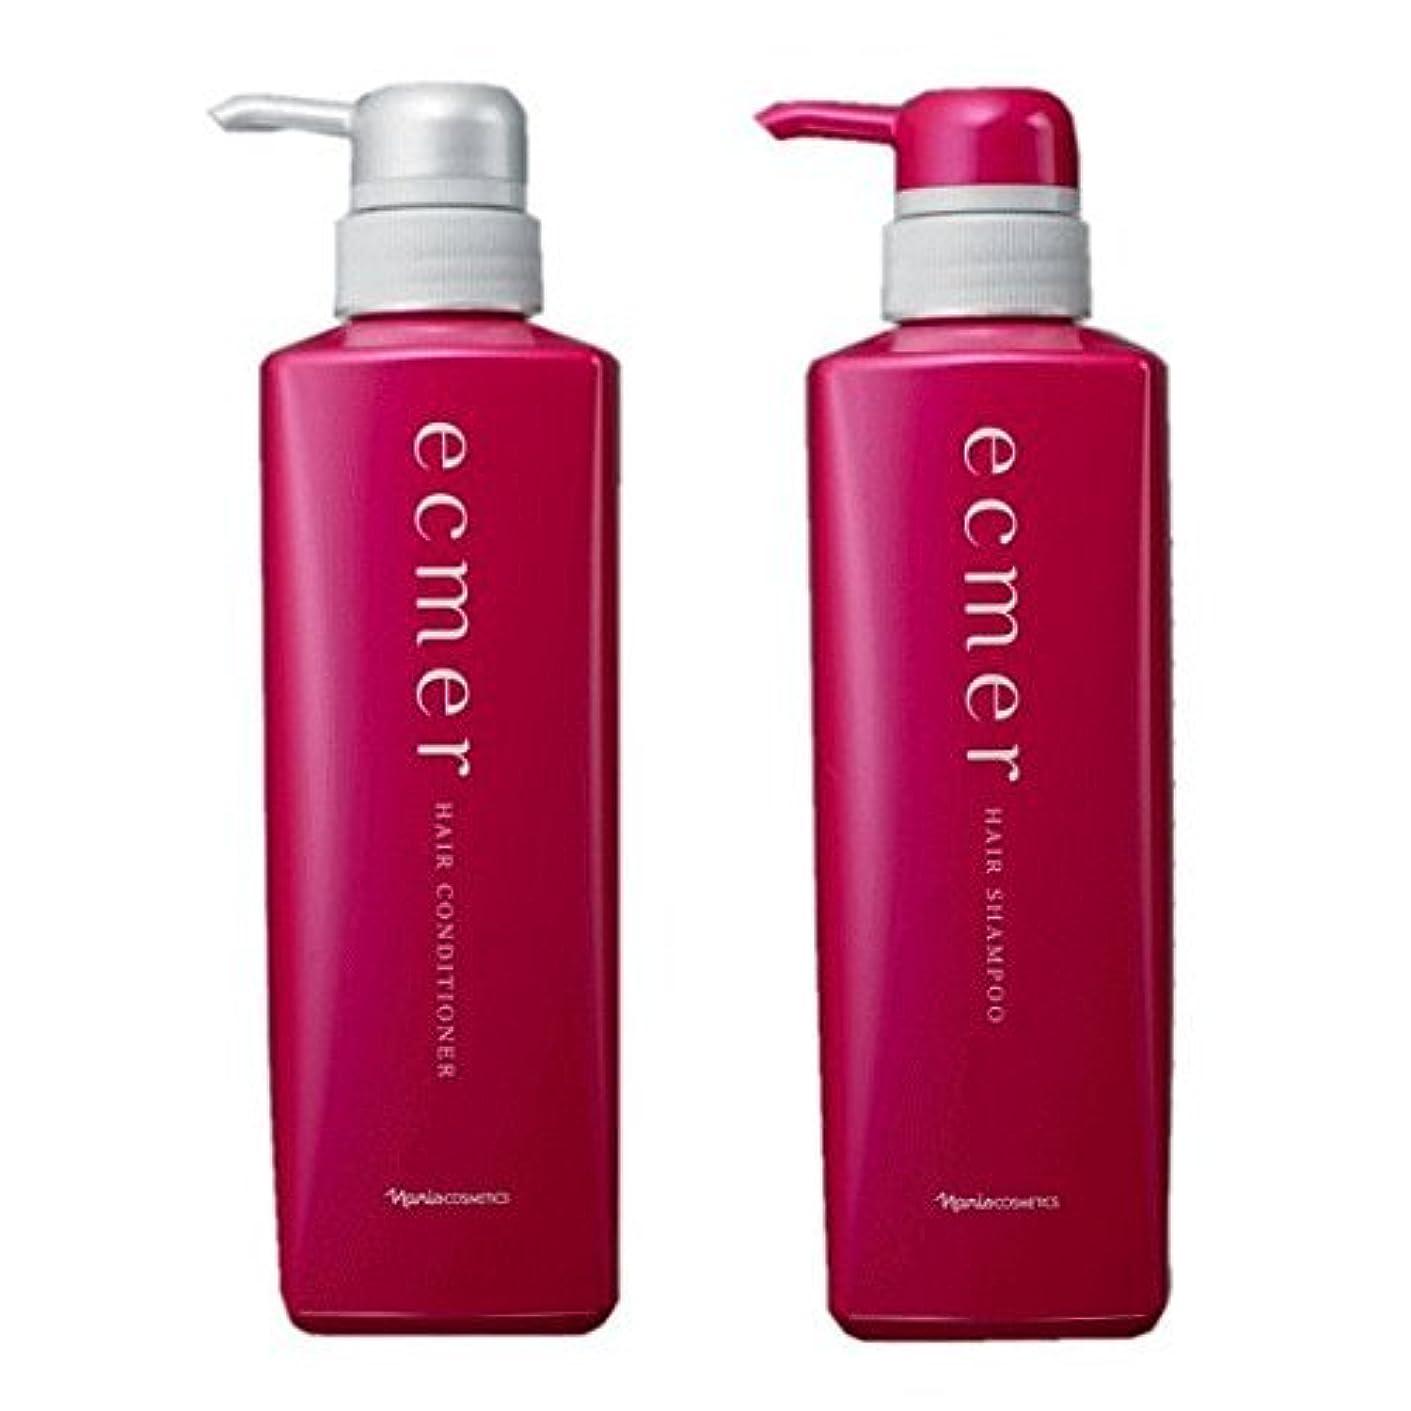 に沿って最少充実ecmer/エクメール シャンプー&コンディショナー ナリス化粧品